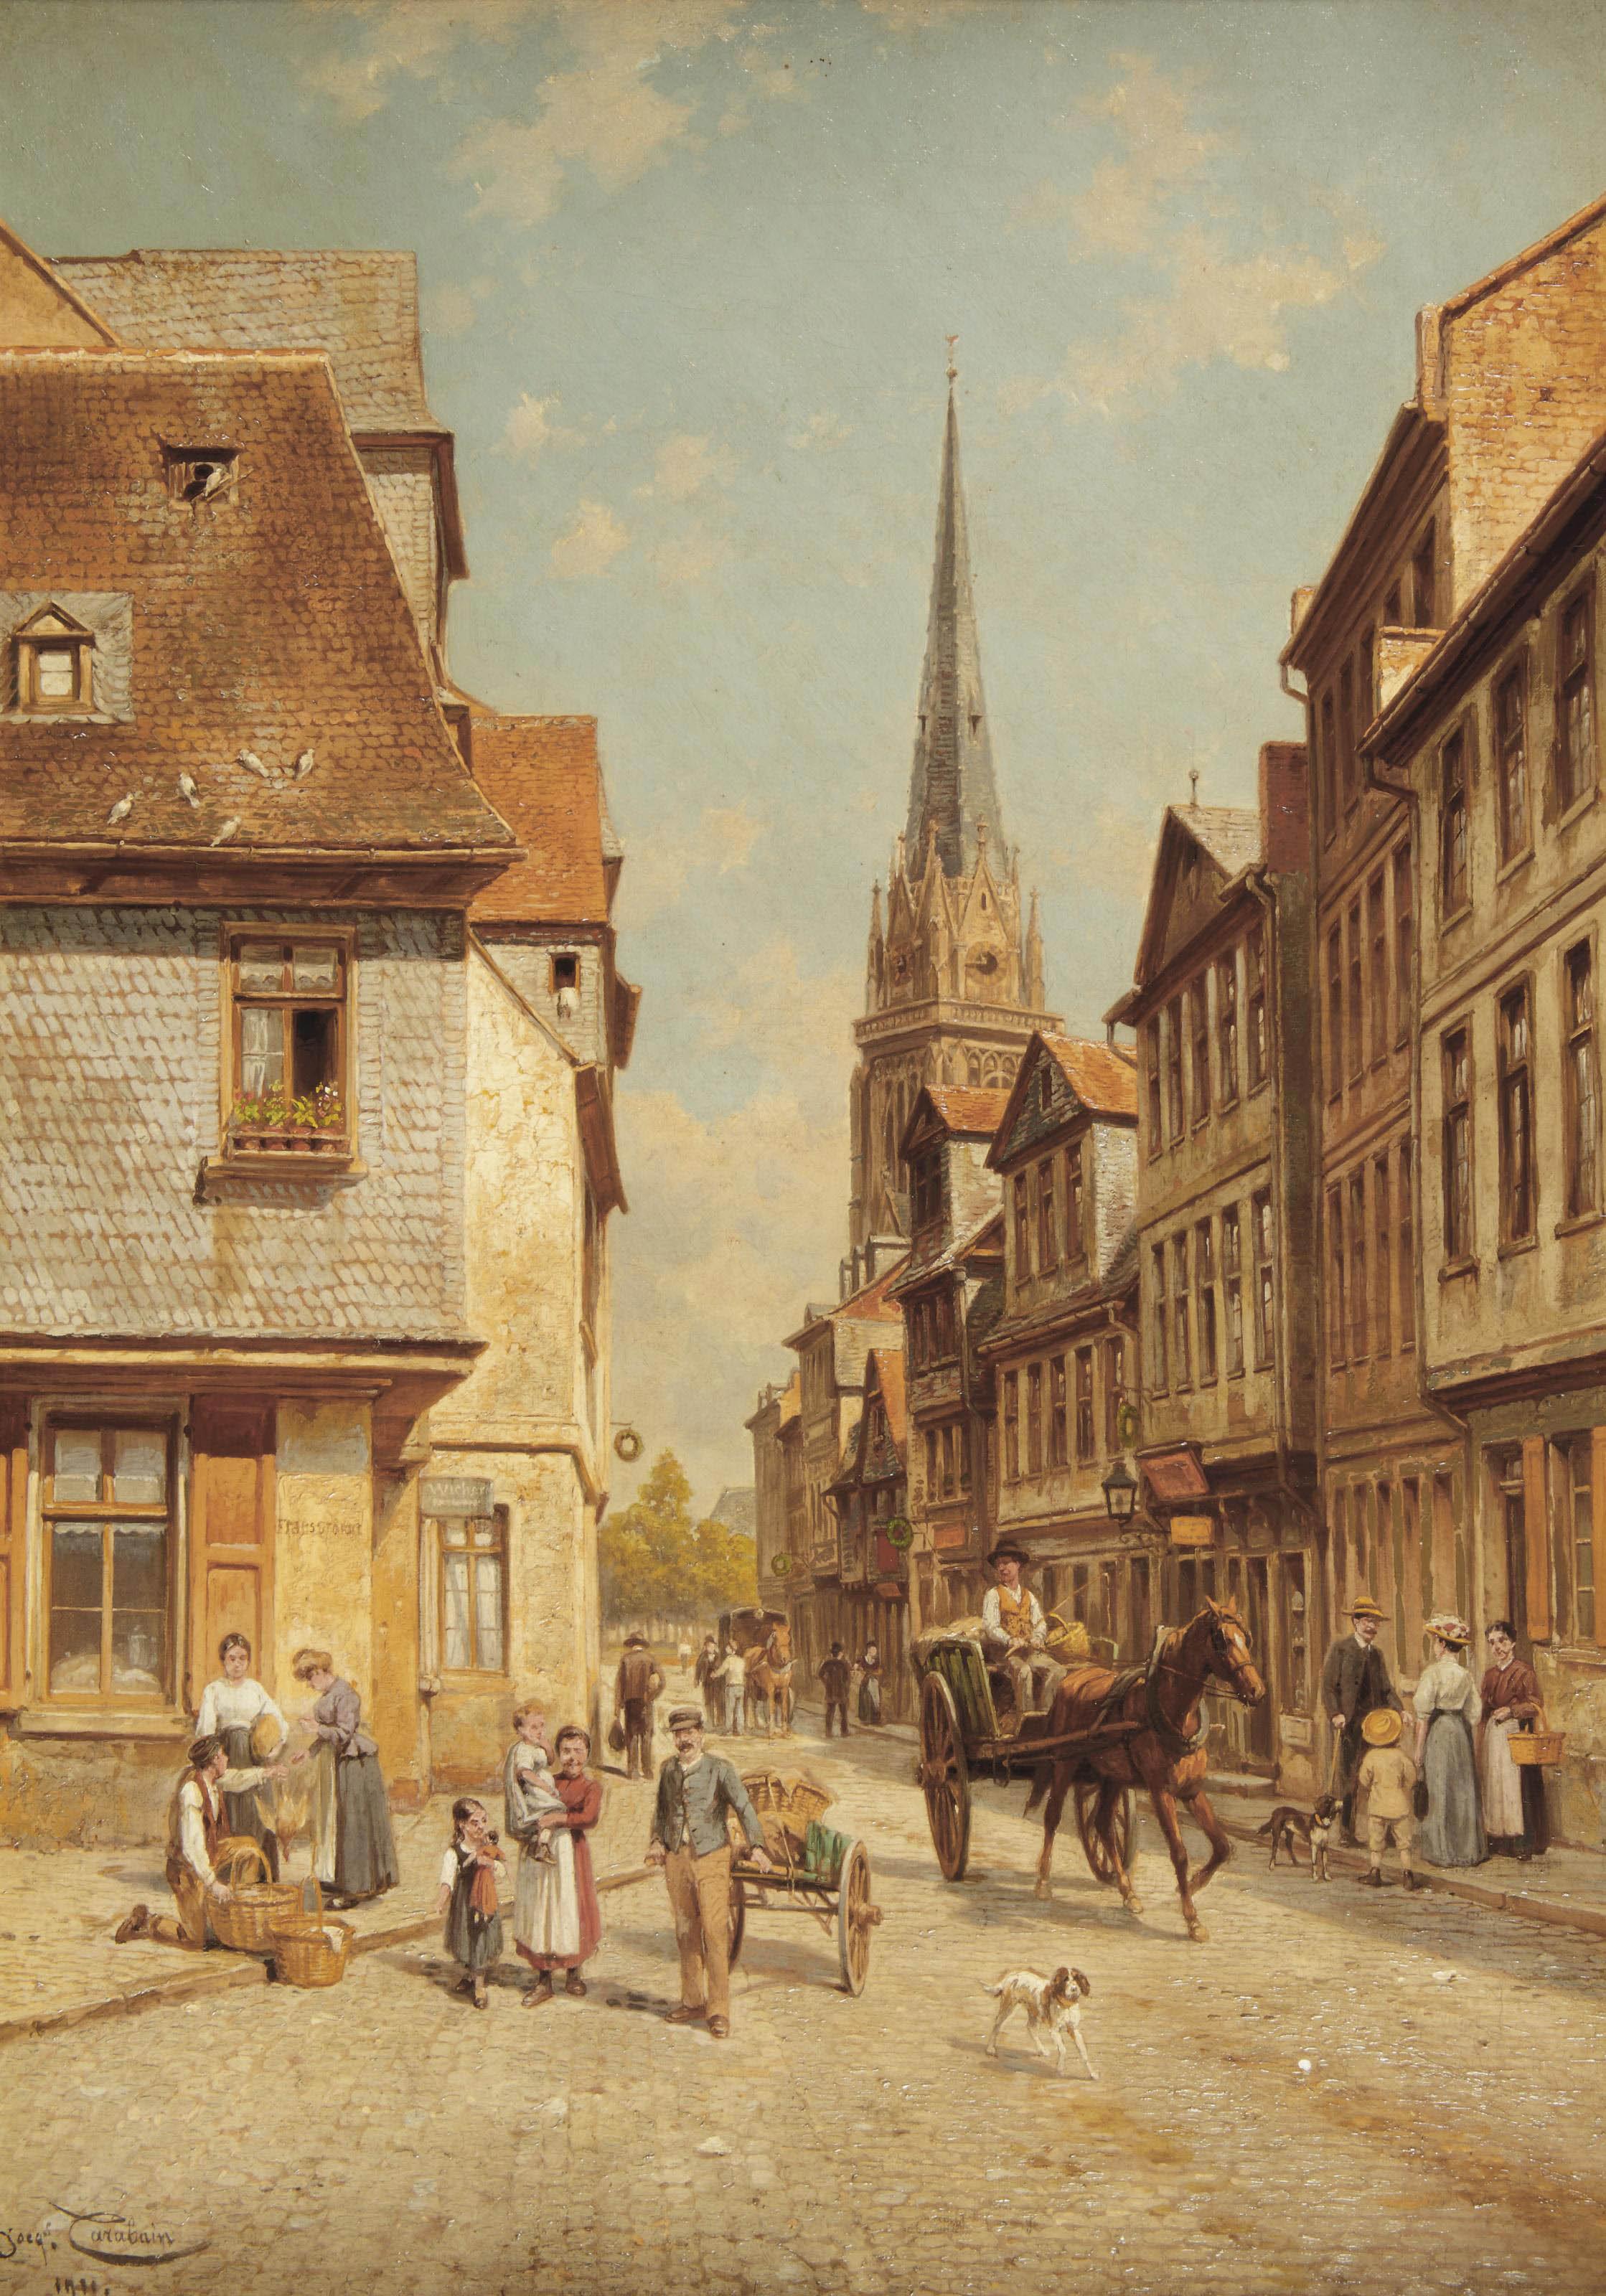 Townspeople in a sunlit street